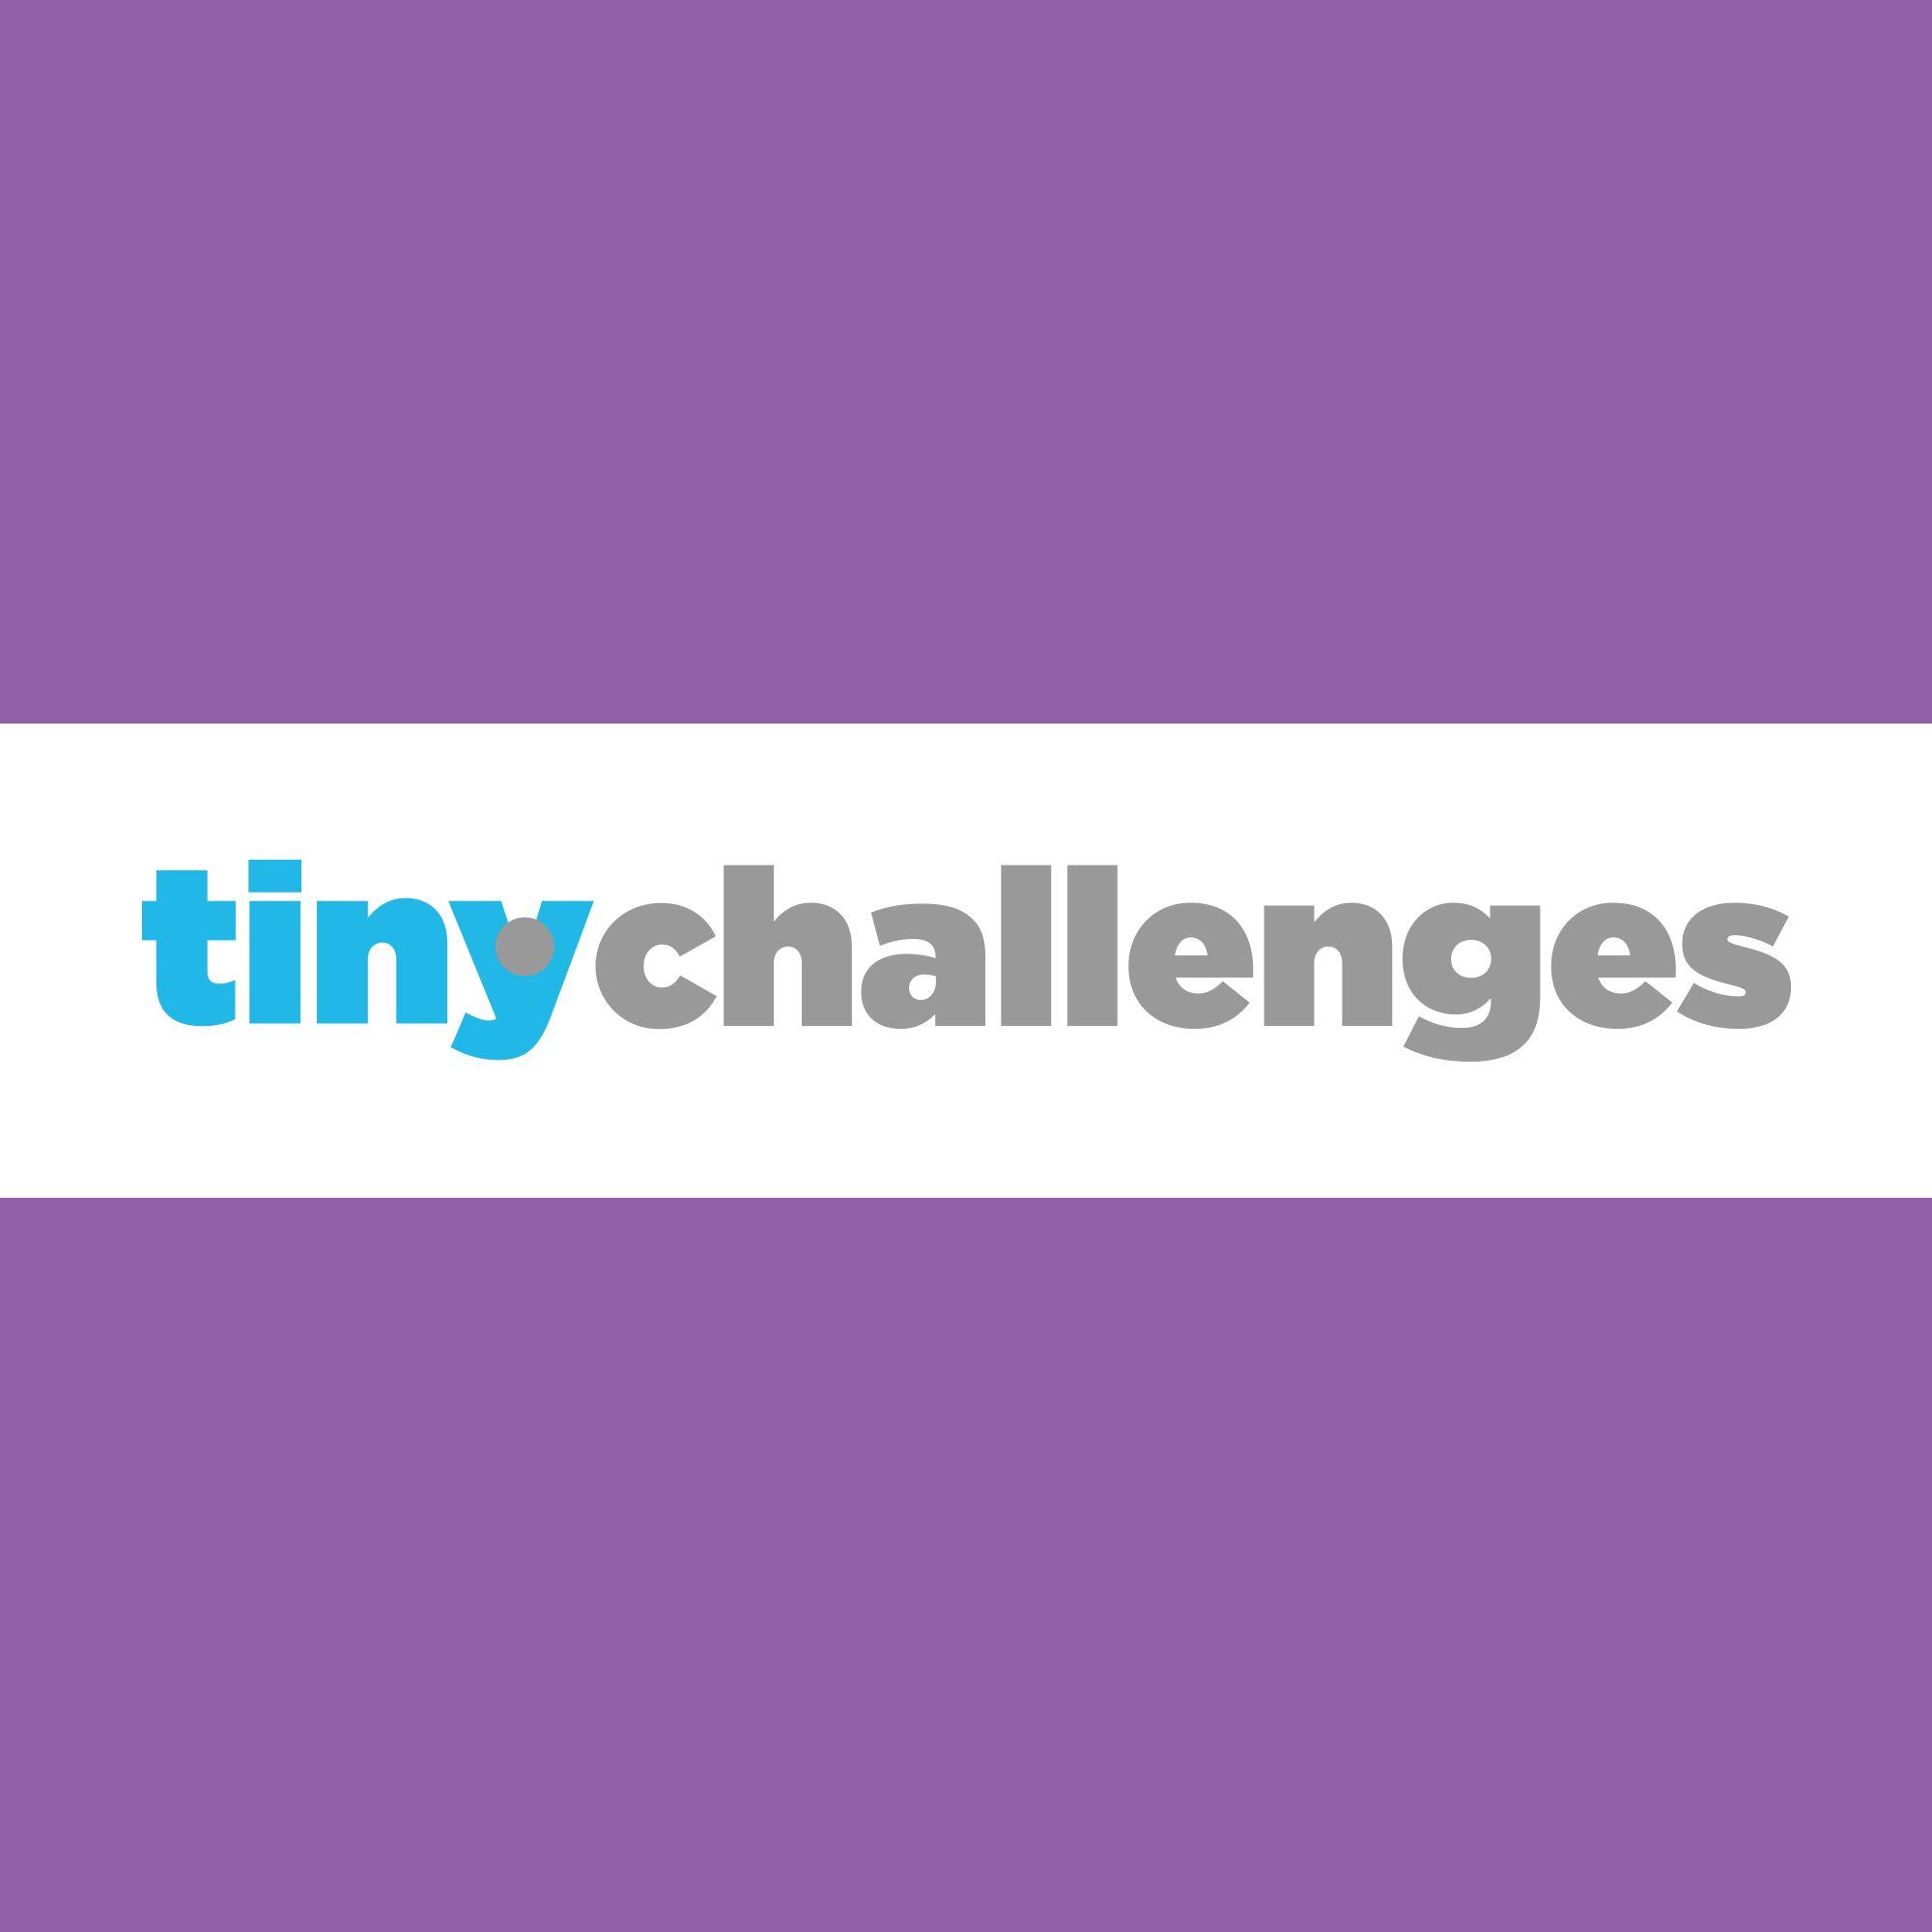 tinychallenges